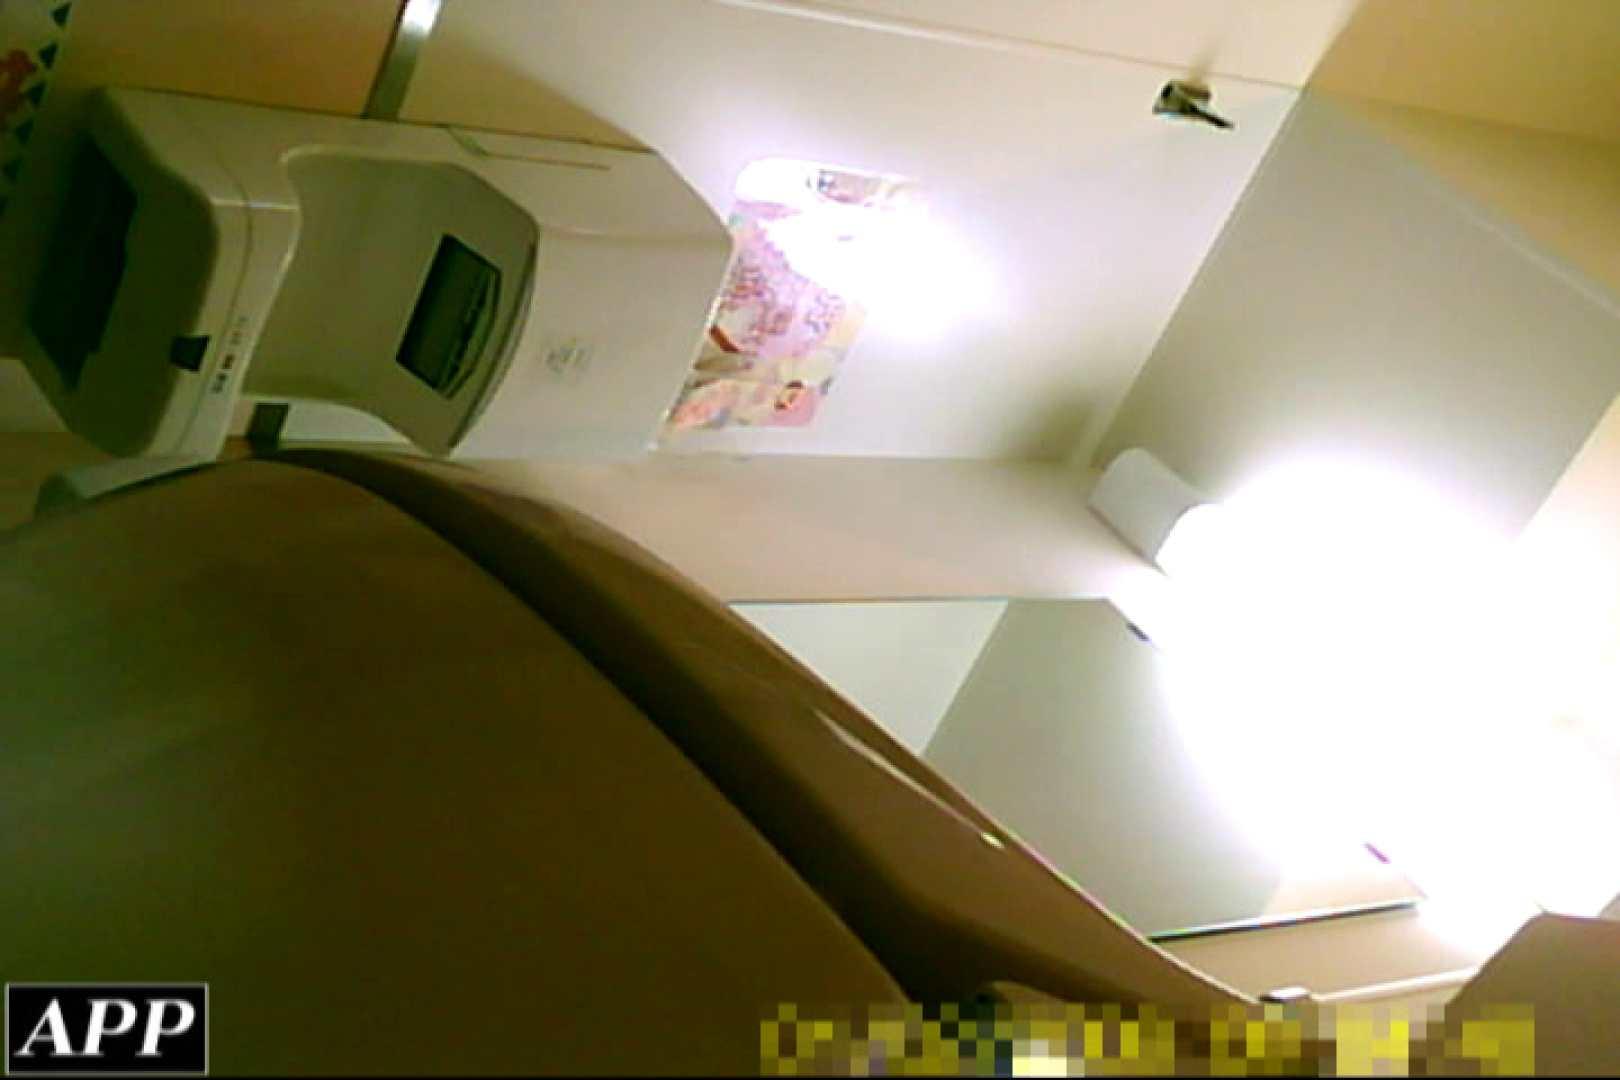 3視点洗面所 vol.06 エロいOL 性交動画流出 112枚